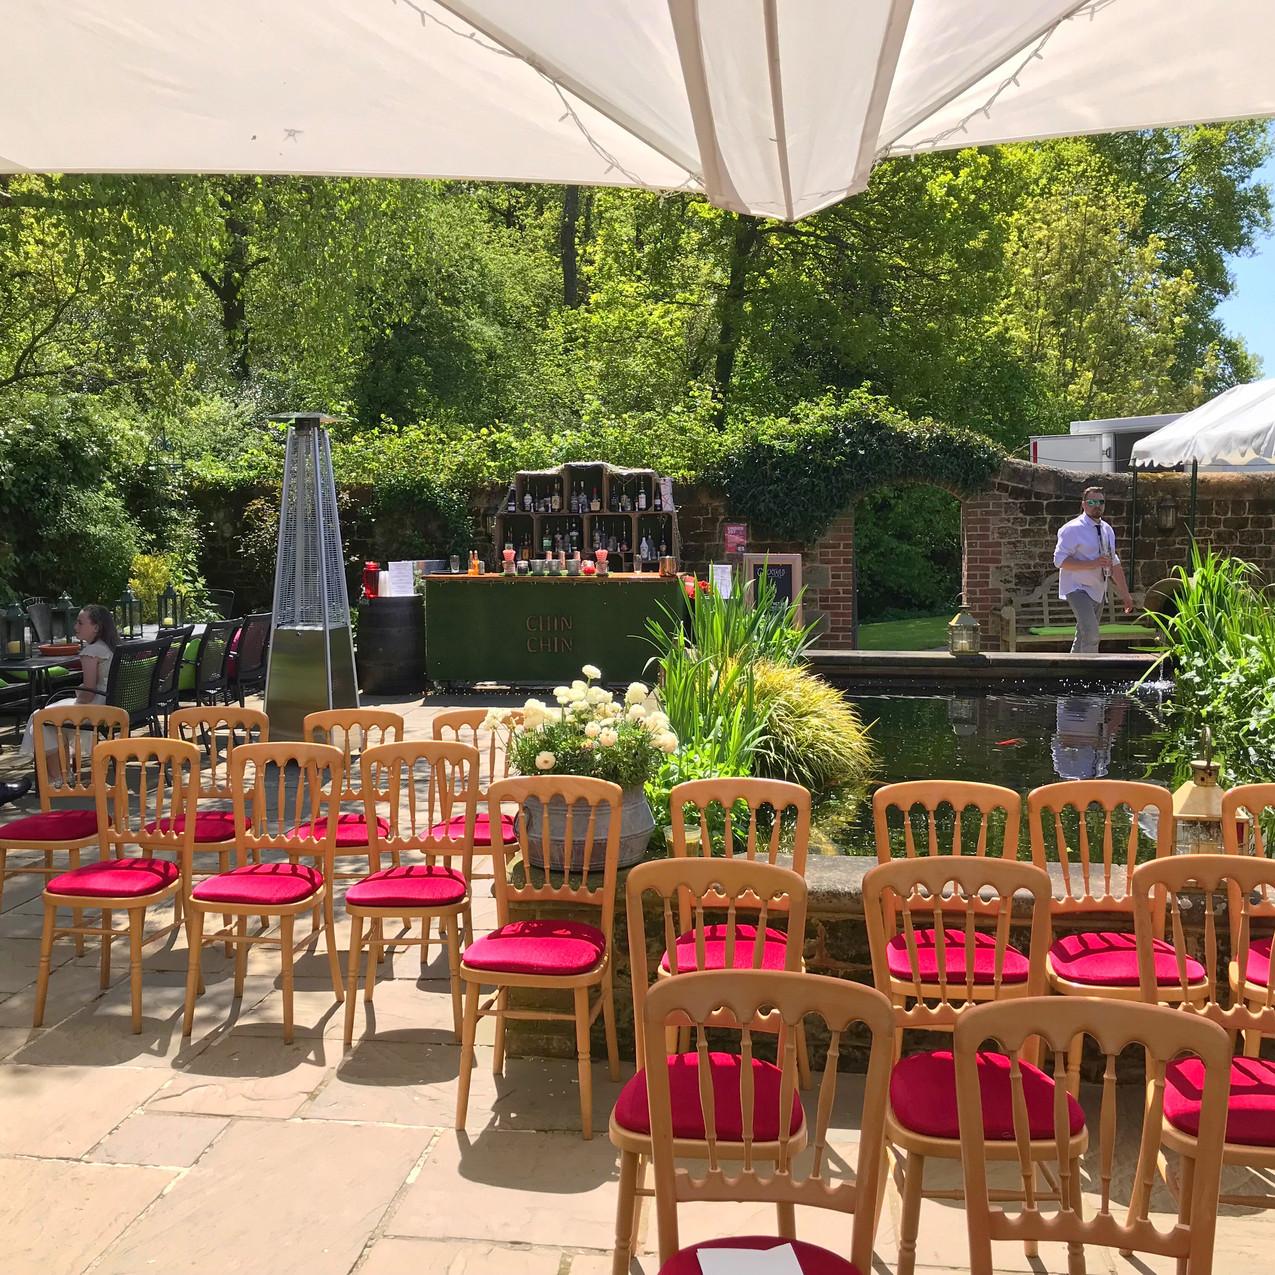 Chin Chin Lawn Bar at Bartholomew Barn Wedding in West Sussex